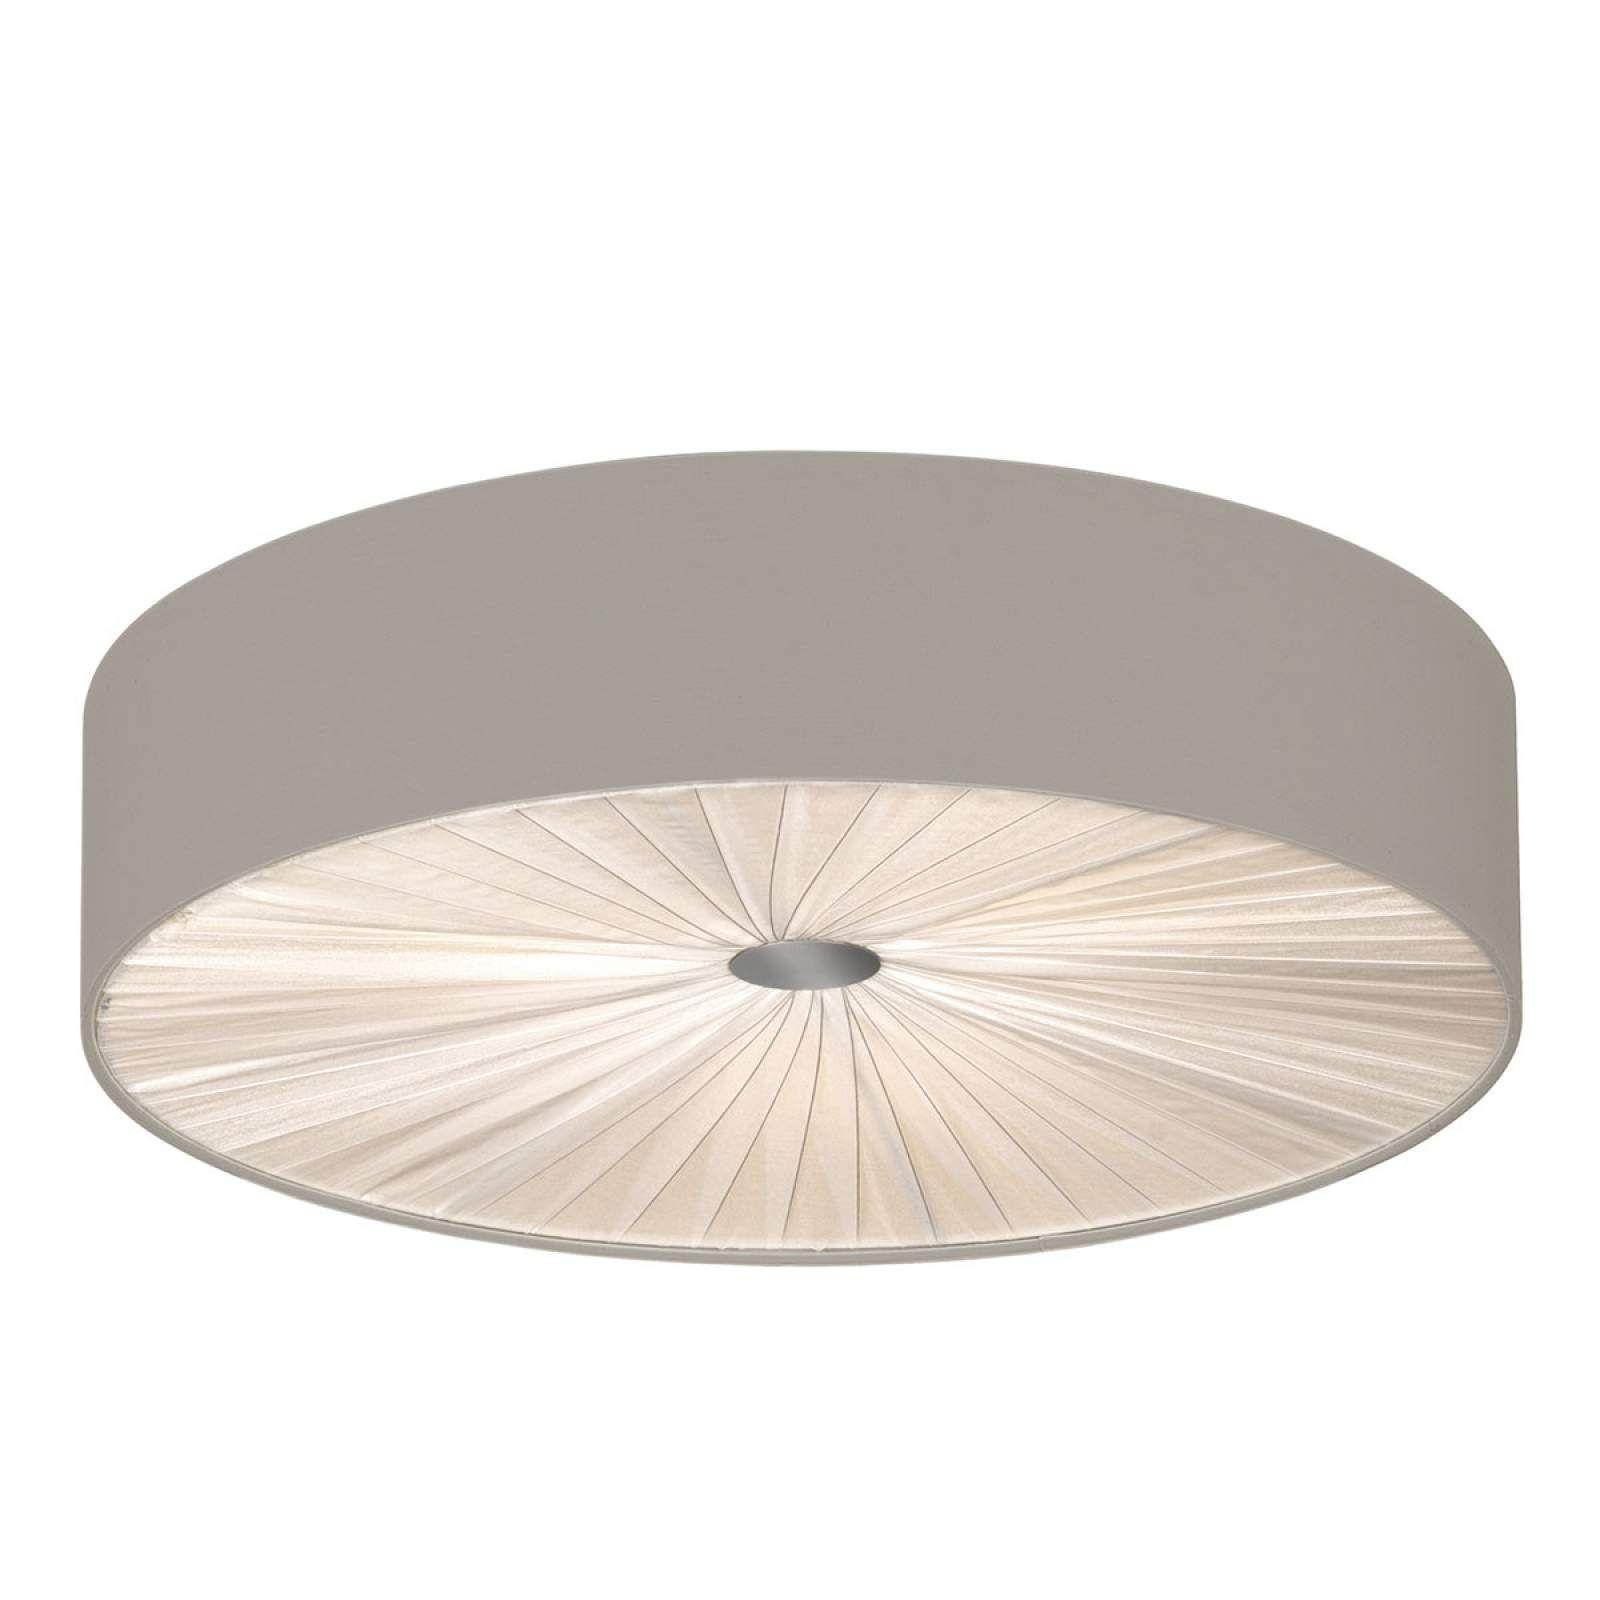 Moderne Deckenleuchte Fungino Von Eglo Grau Grosse Deckenlampe